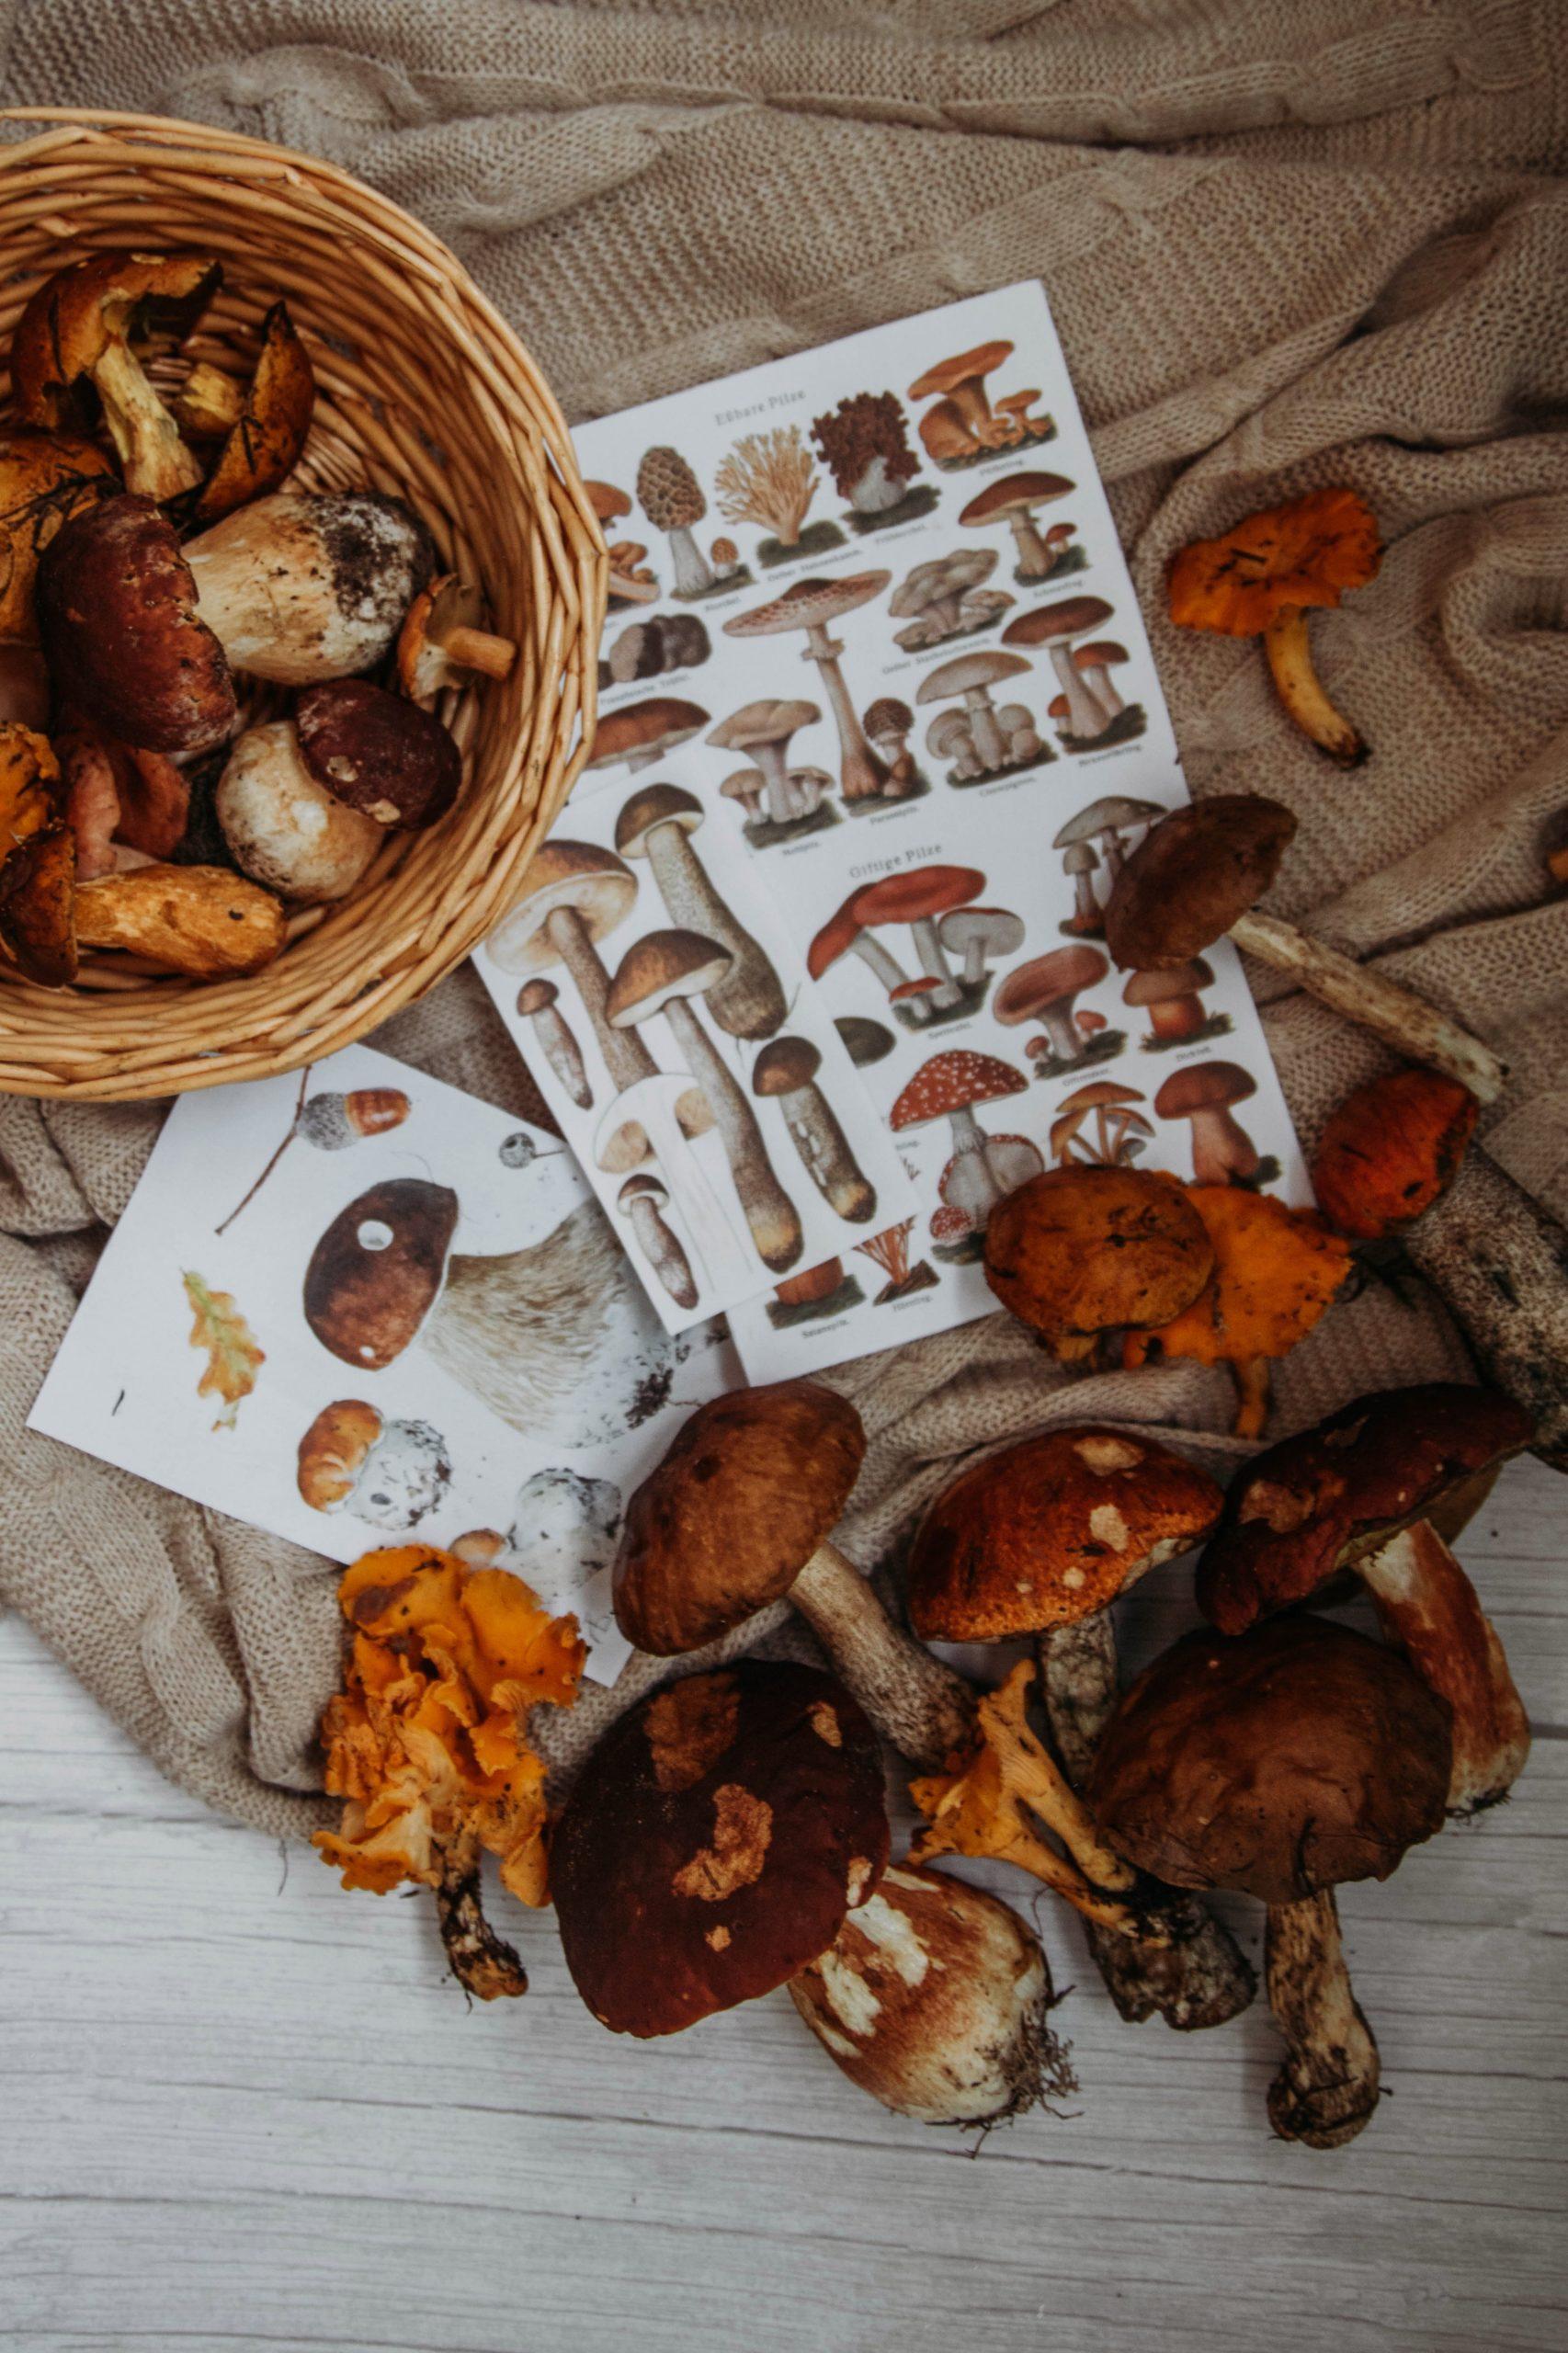 Goûter les produits de la nature est un bon moyen de se rapprocher d'elle. Ici avec les champignons.